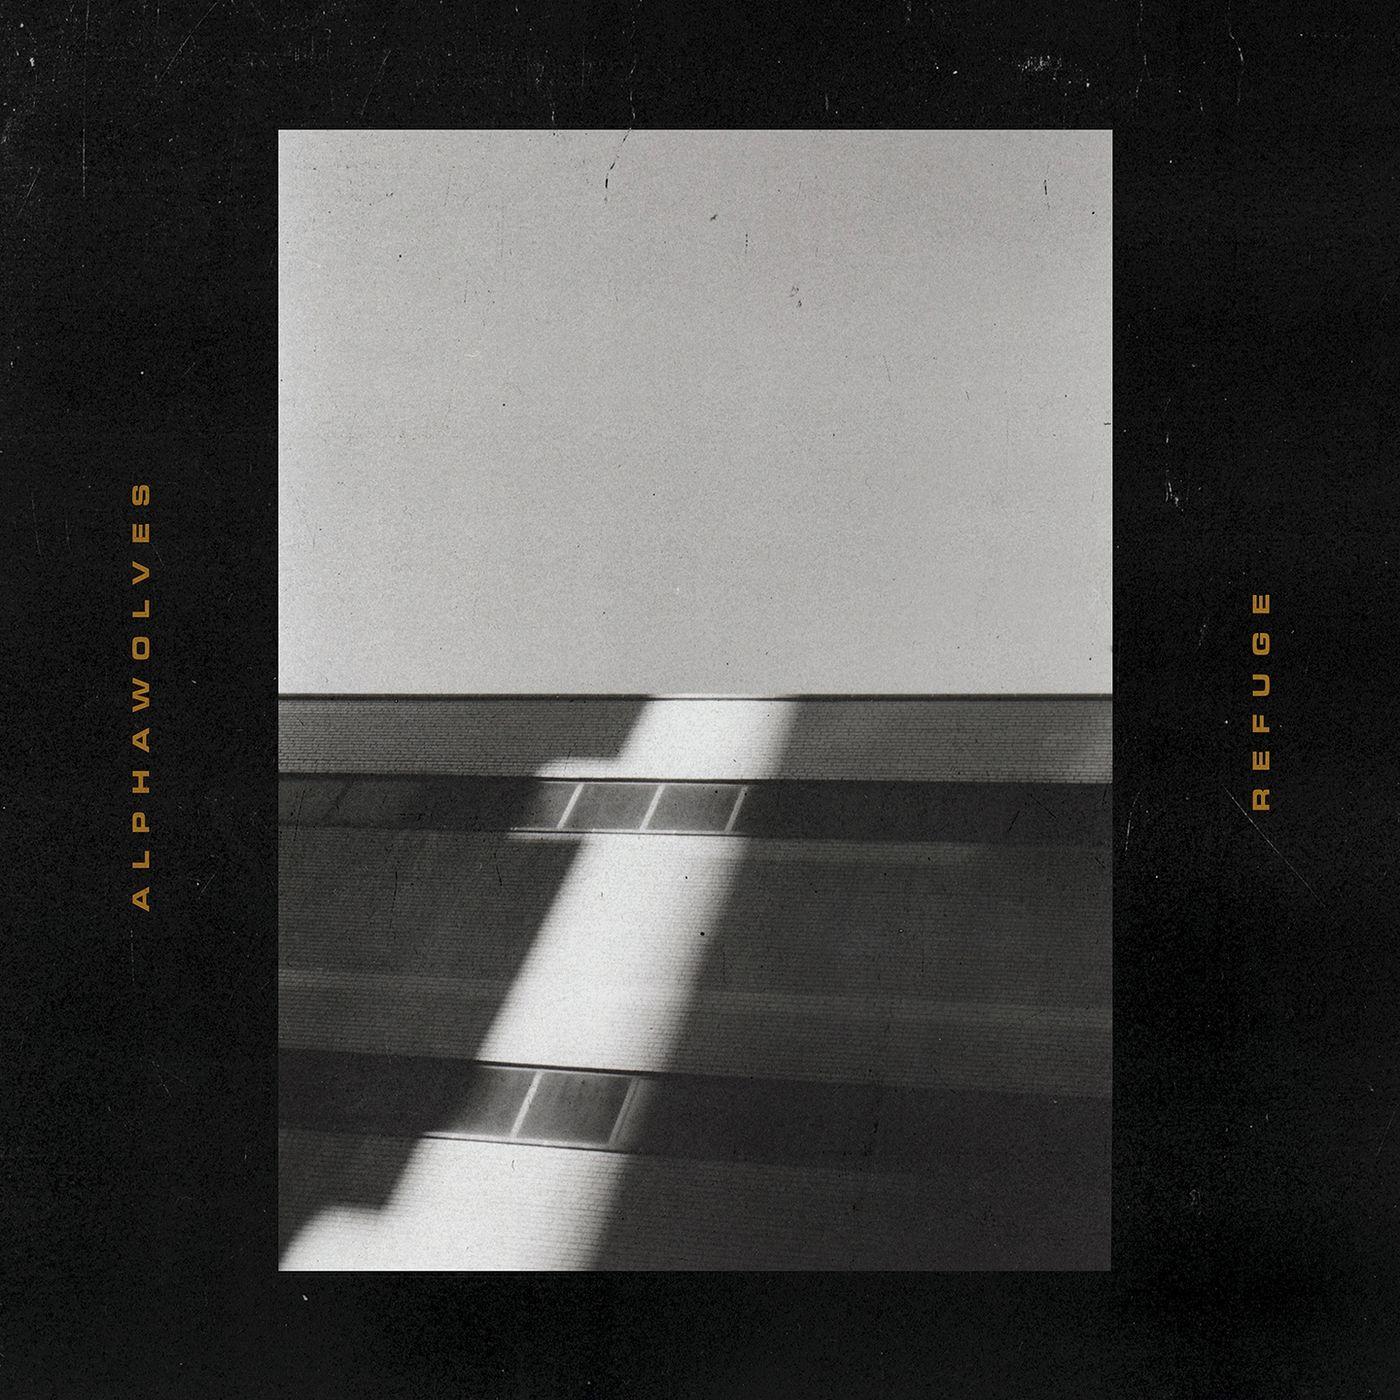 AlphaWolves - Refuge (2019)